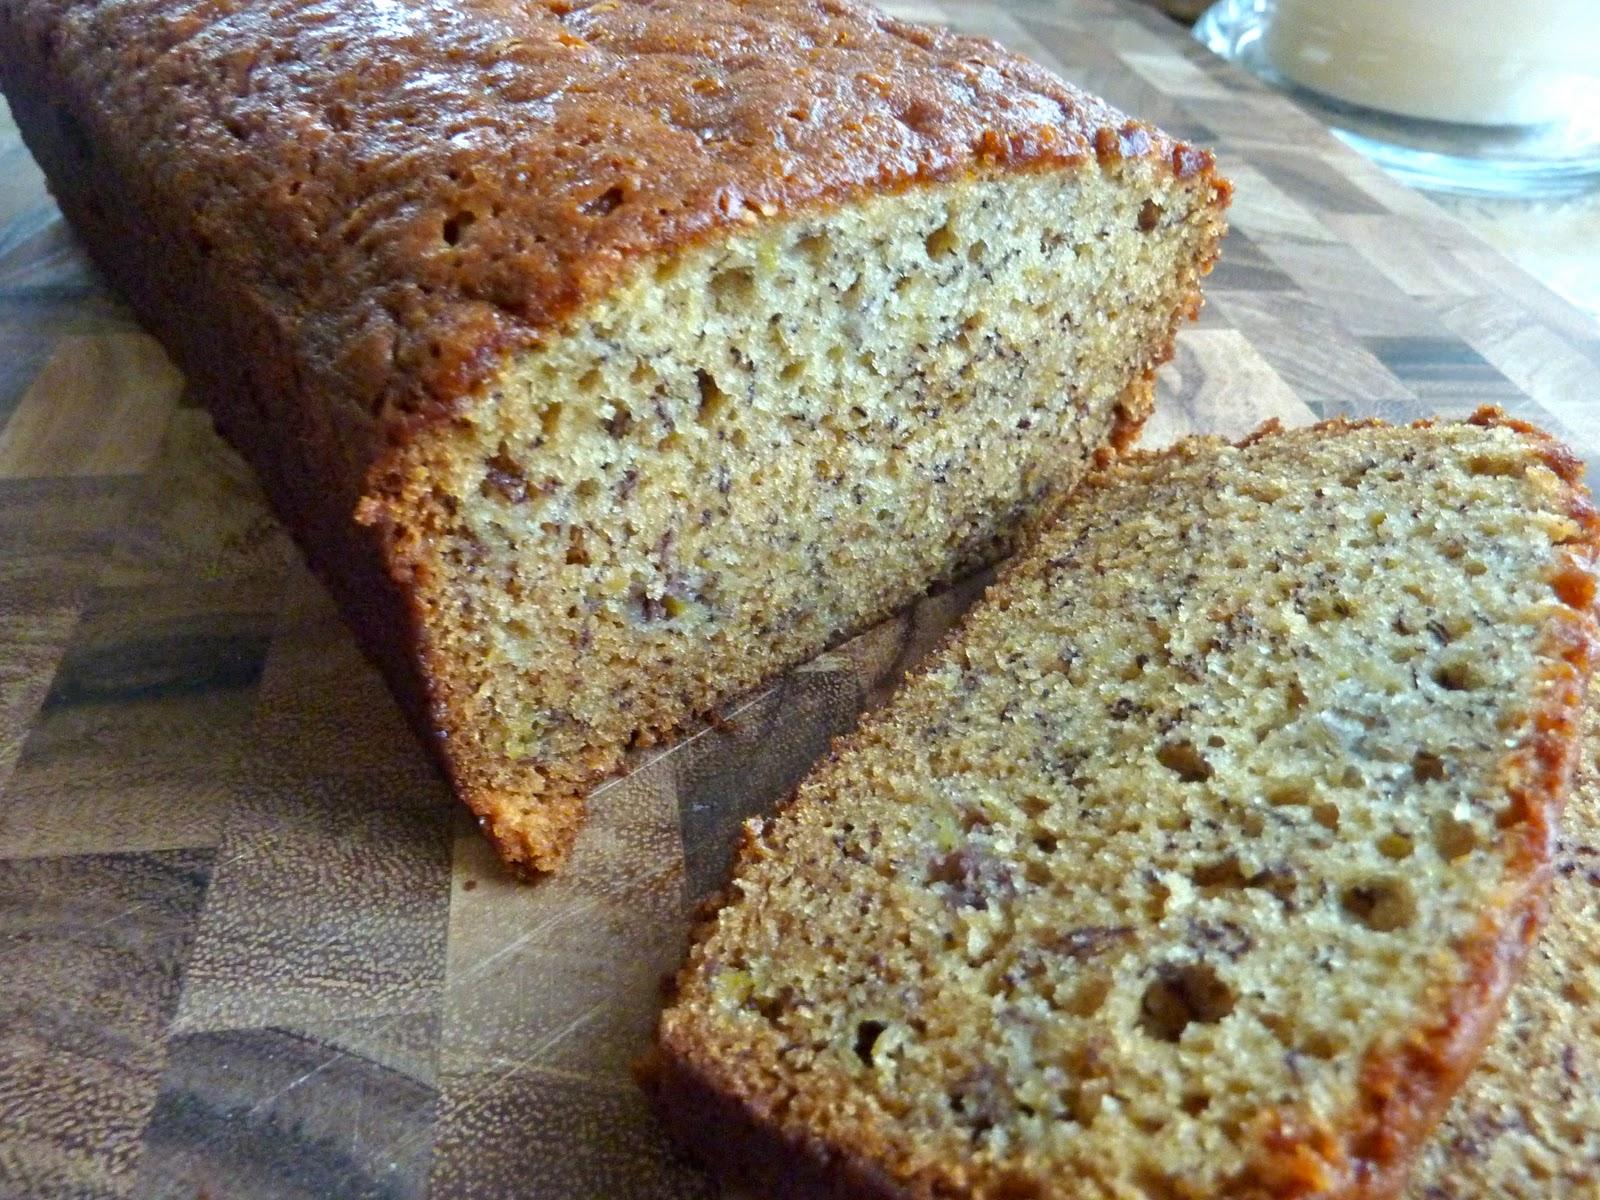 beurrista: flour's famous banana bread